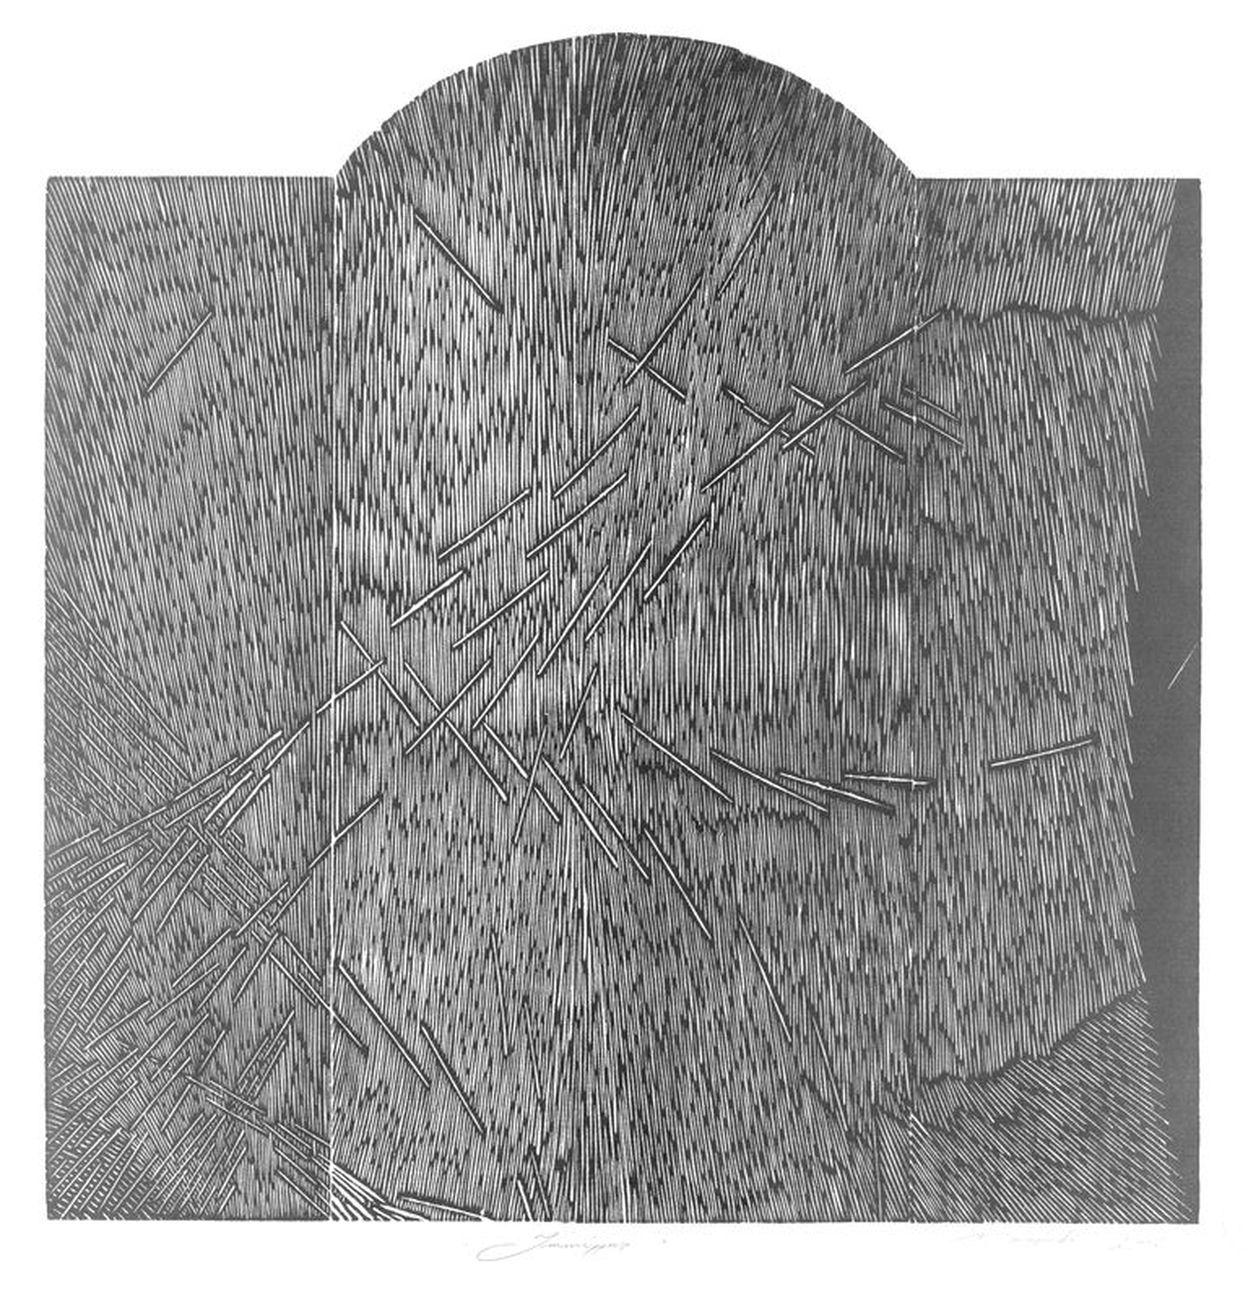 Gianluca Murasecchi, Immissus, 2005. Gabinetto delle Stampe Antiche e Moderne, Bagnacavallo